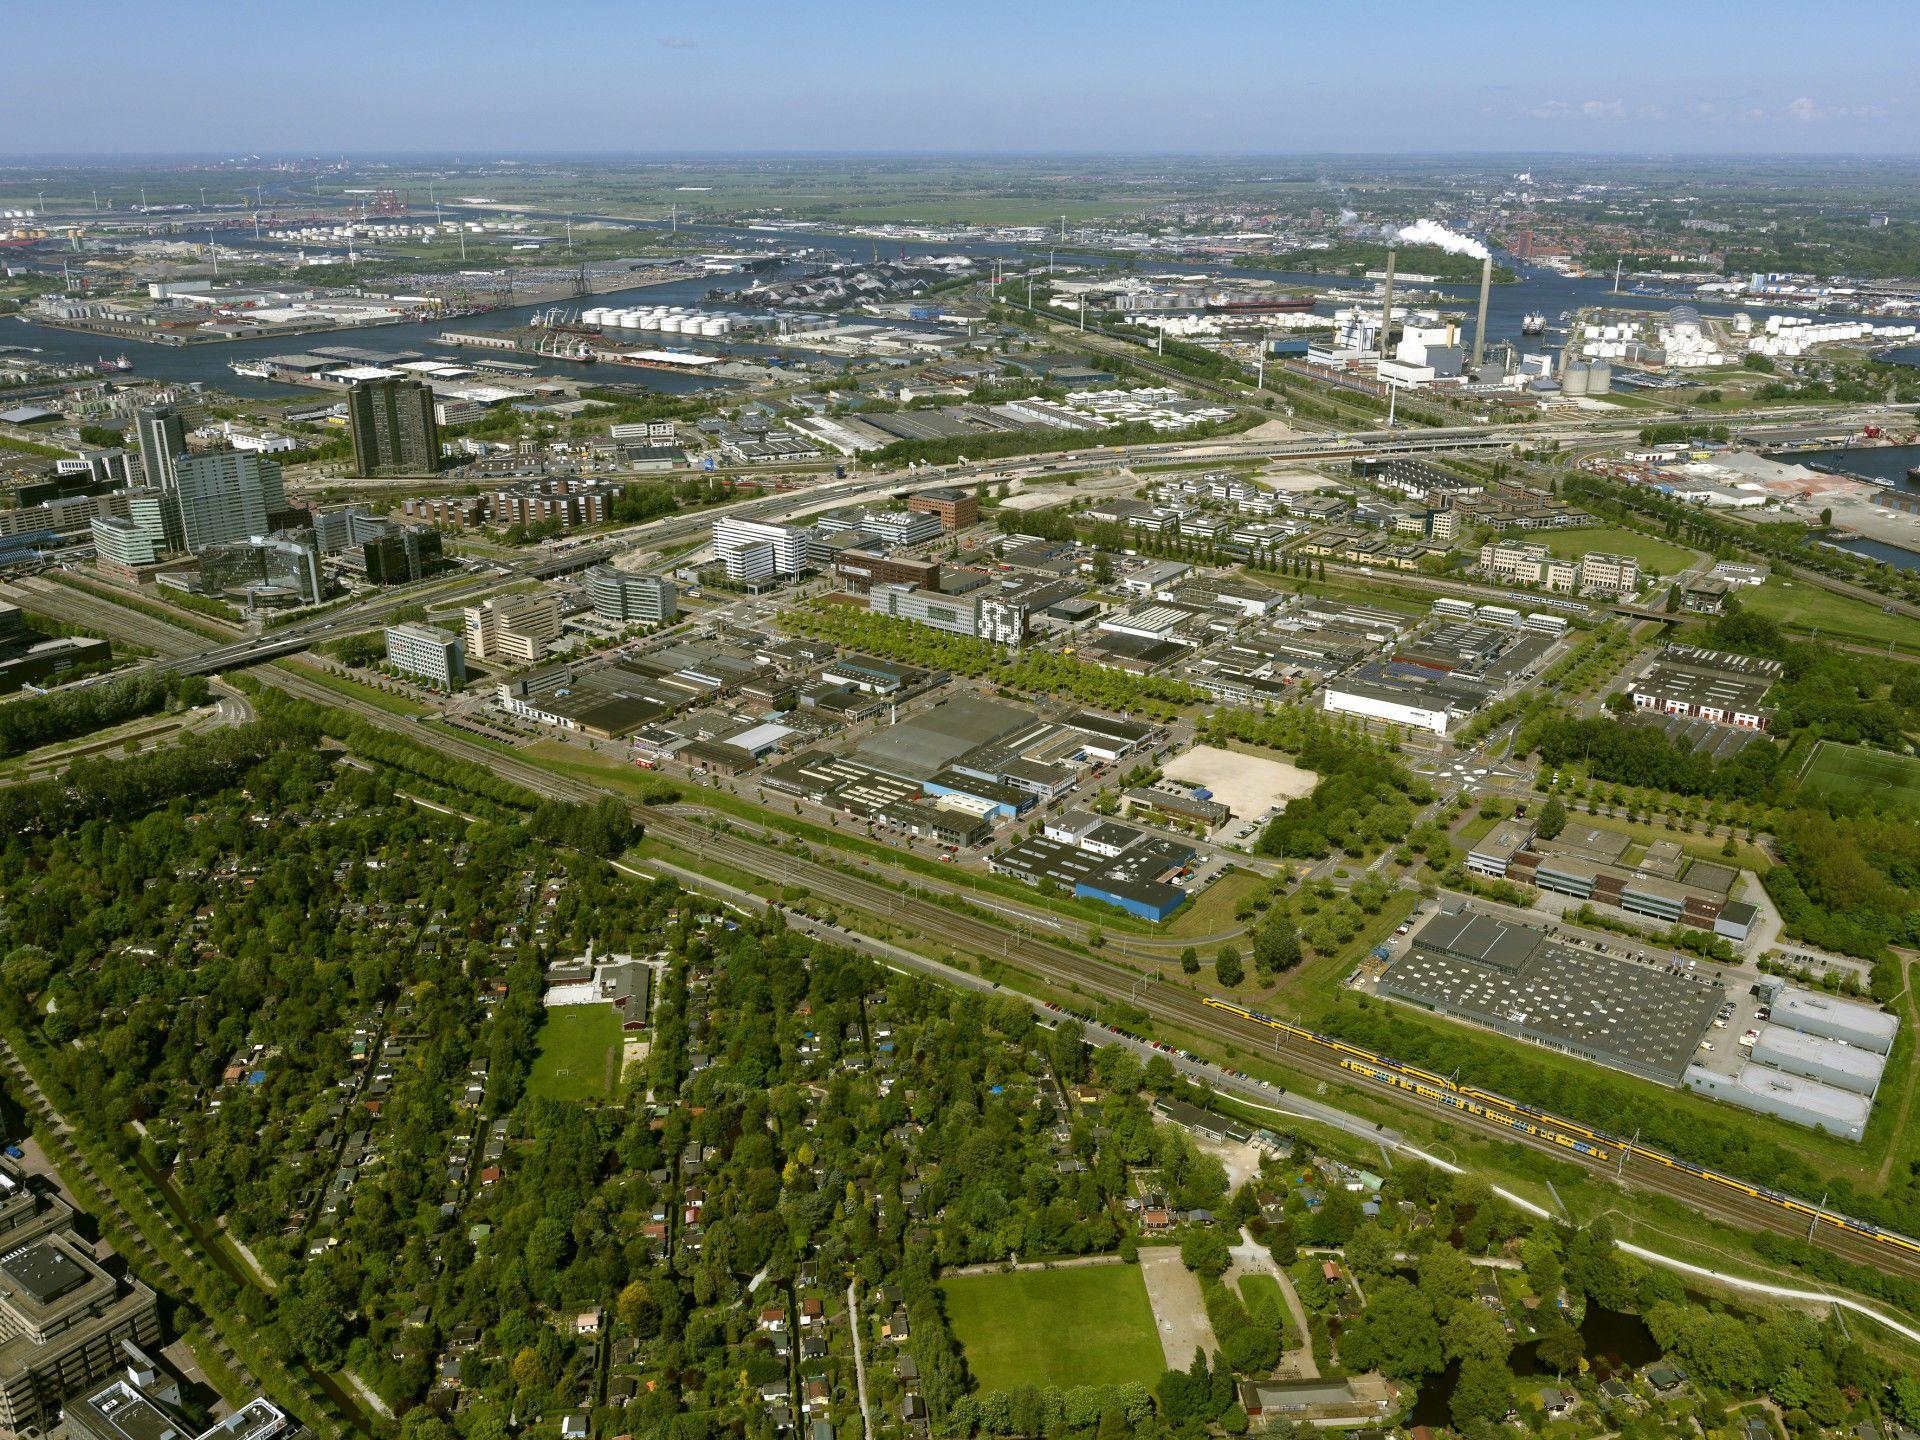 1103744-wg-amsterdam-westpoort1